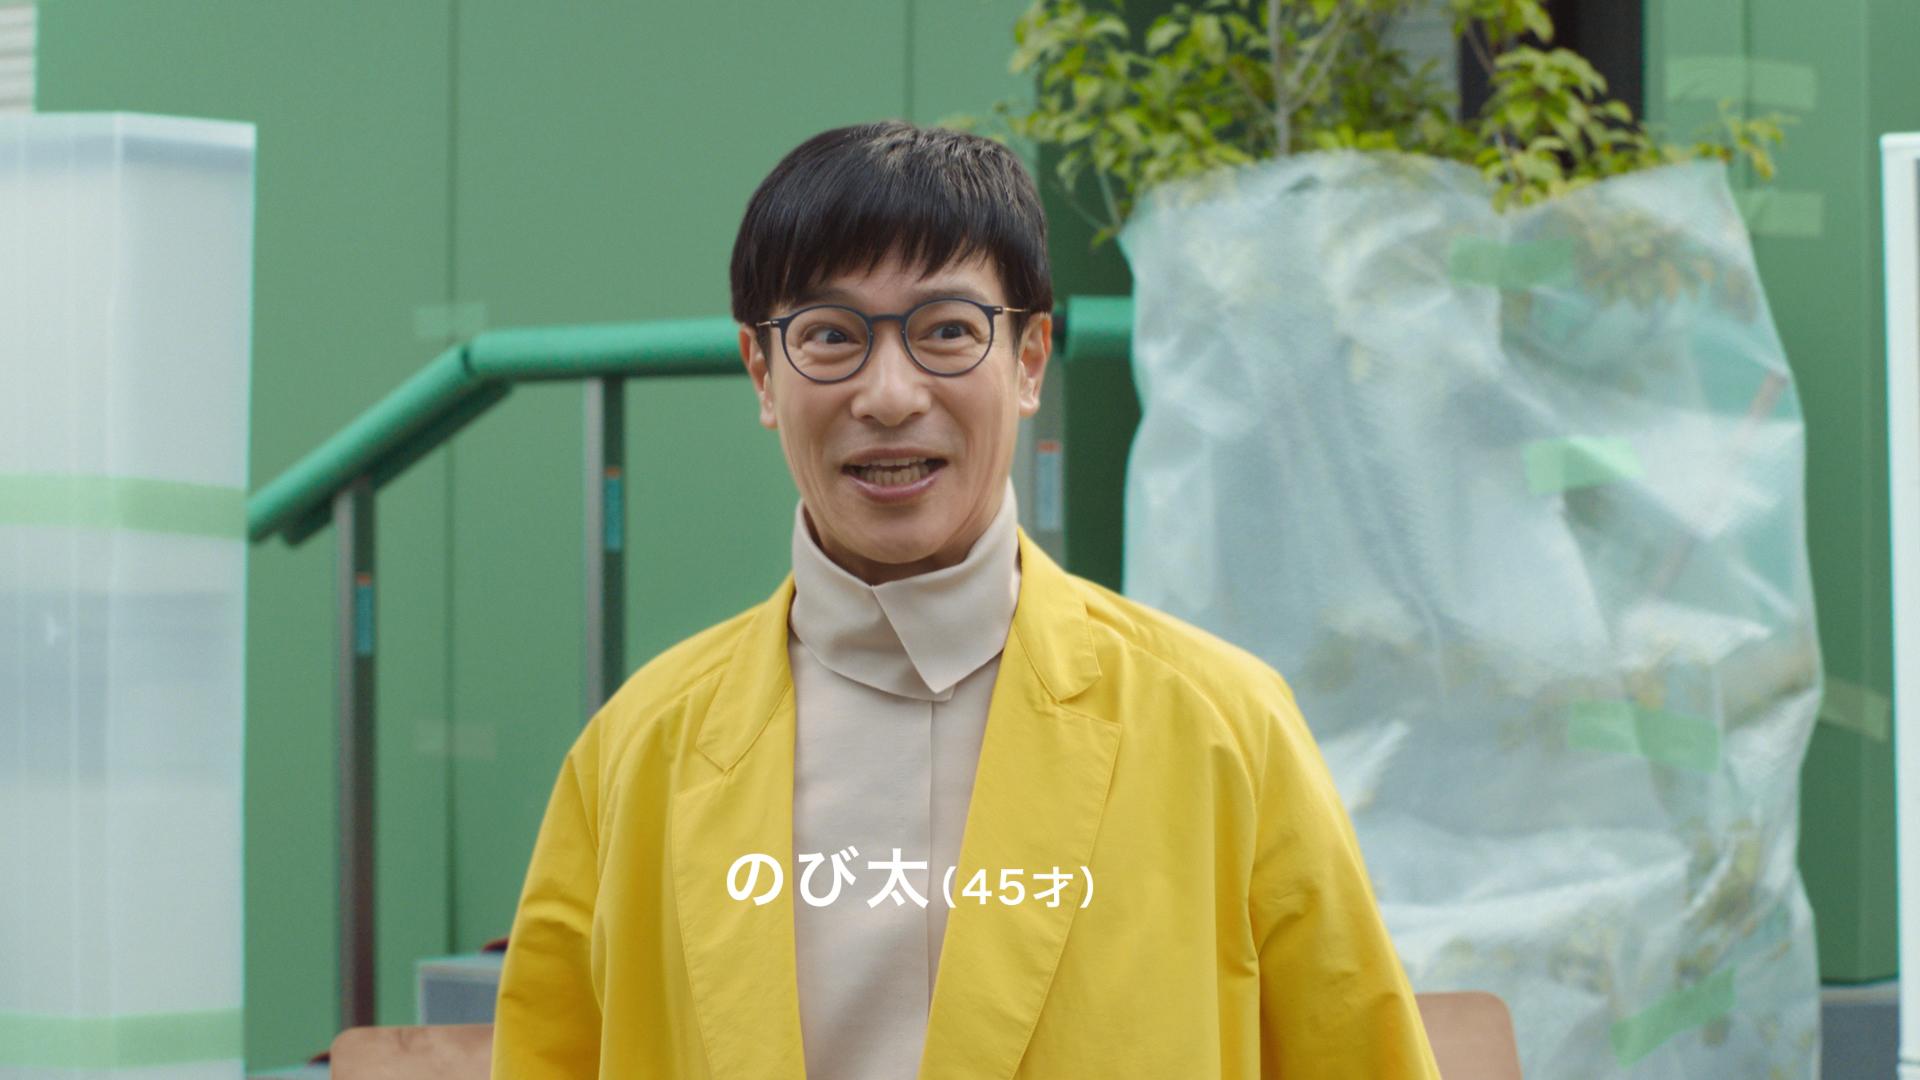 ソフトバンク cm ドラえもん SoftBank 5G」 新テレビCMシリーズ